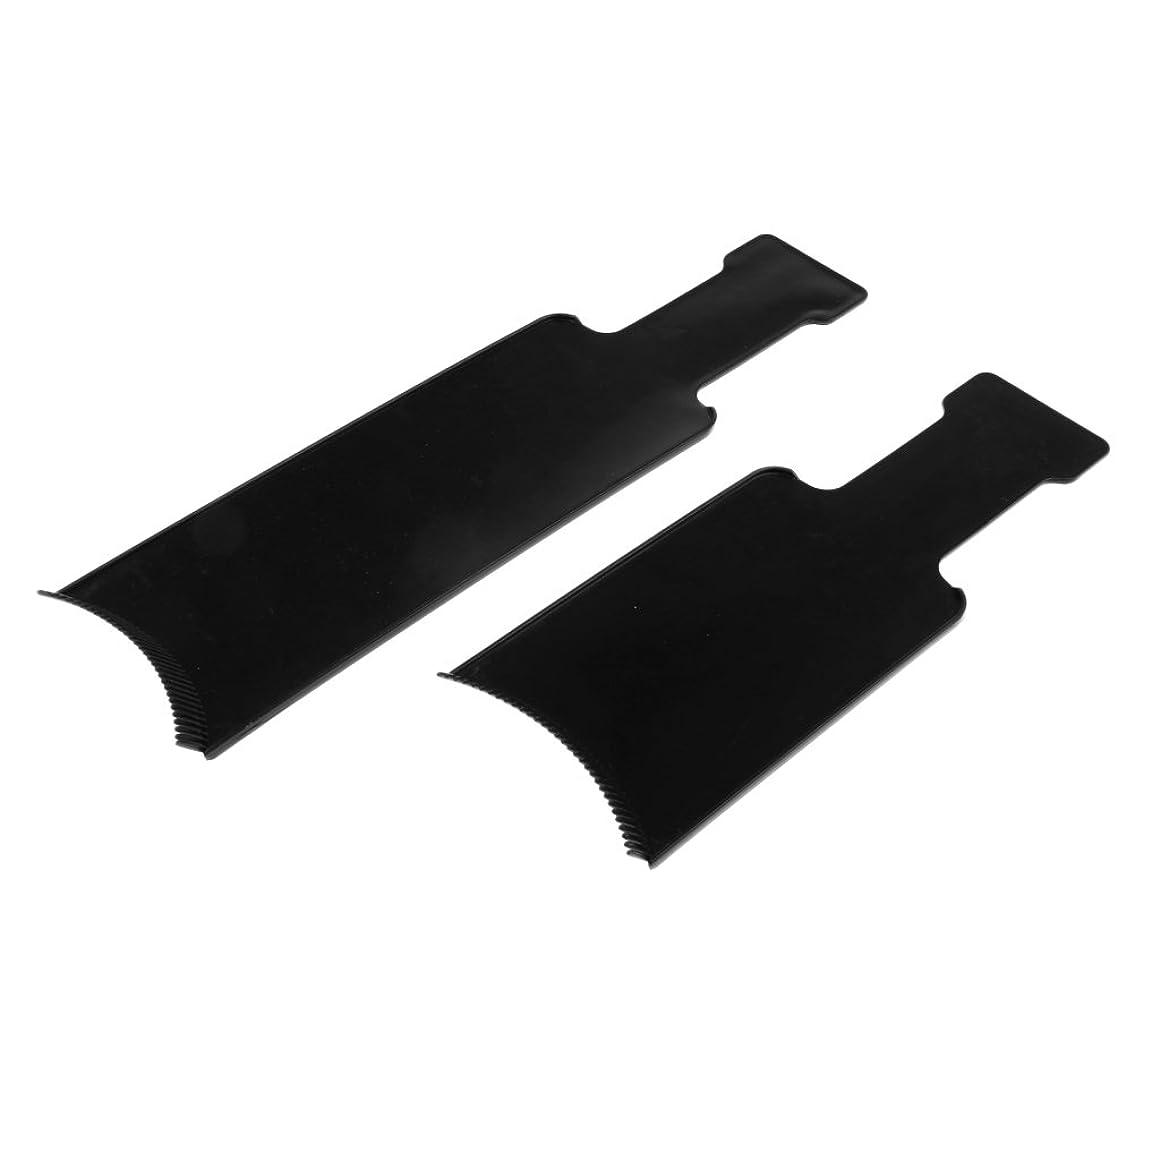 マラドロイト羨望明らかにするDYNWAVE ヘアカラーボード 染色櫛 染色プレート ヘアカラー プラスチック製 美容ツール 黒 2個入